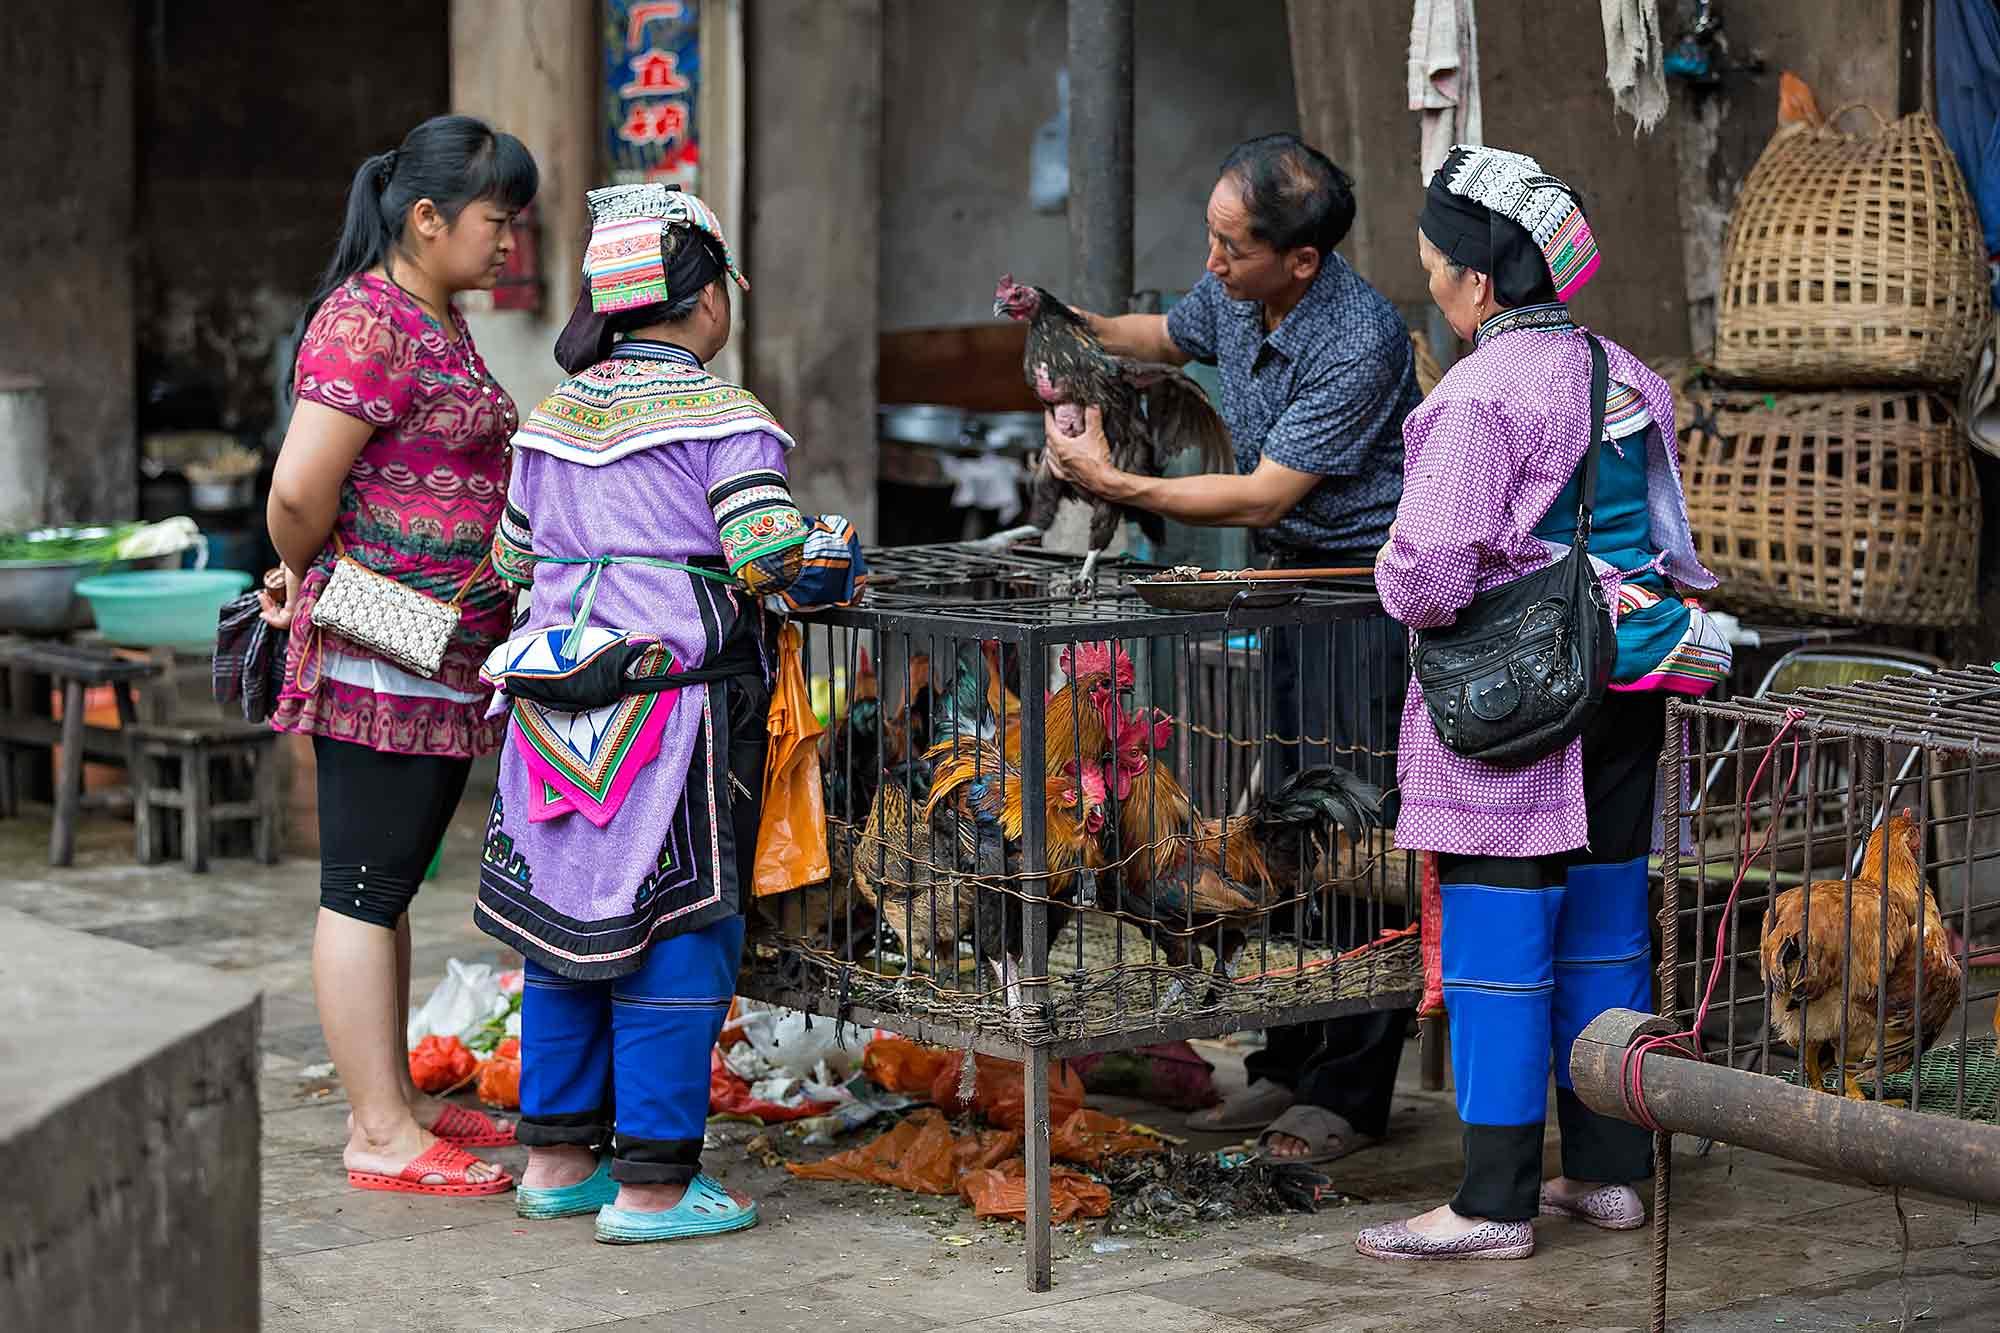 Market scene in Xinjie, Yunnan. © Ulli Maier & Nisa Maier